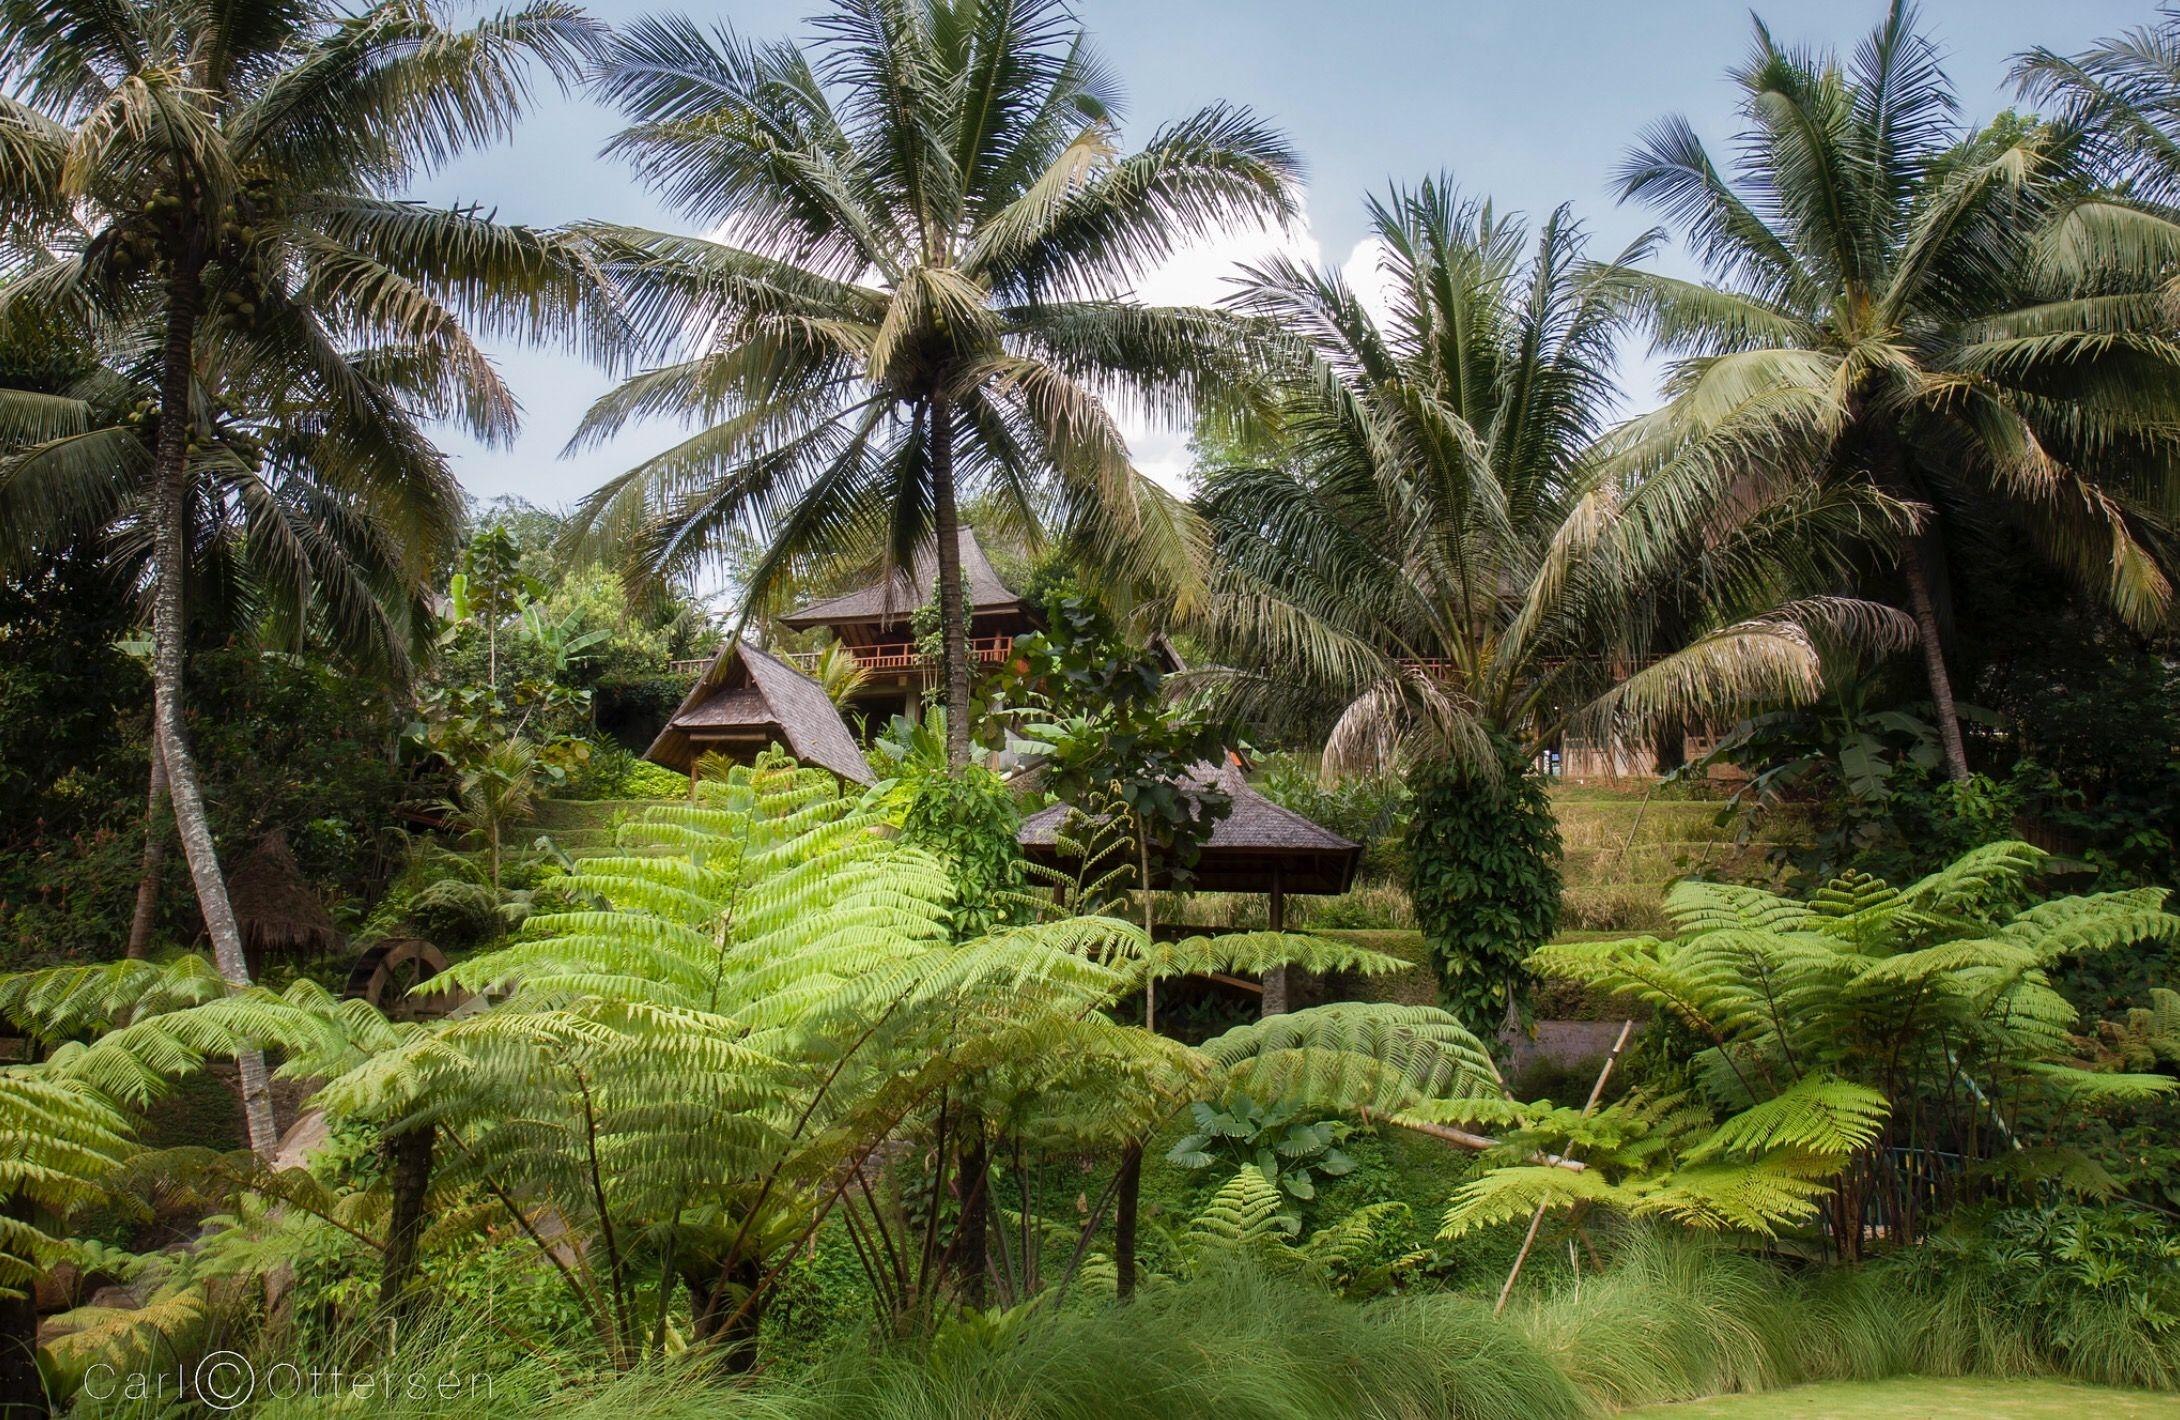 130803 011 ToNagrek Great places, Garden, Indonesia